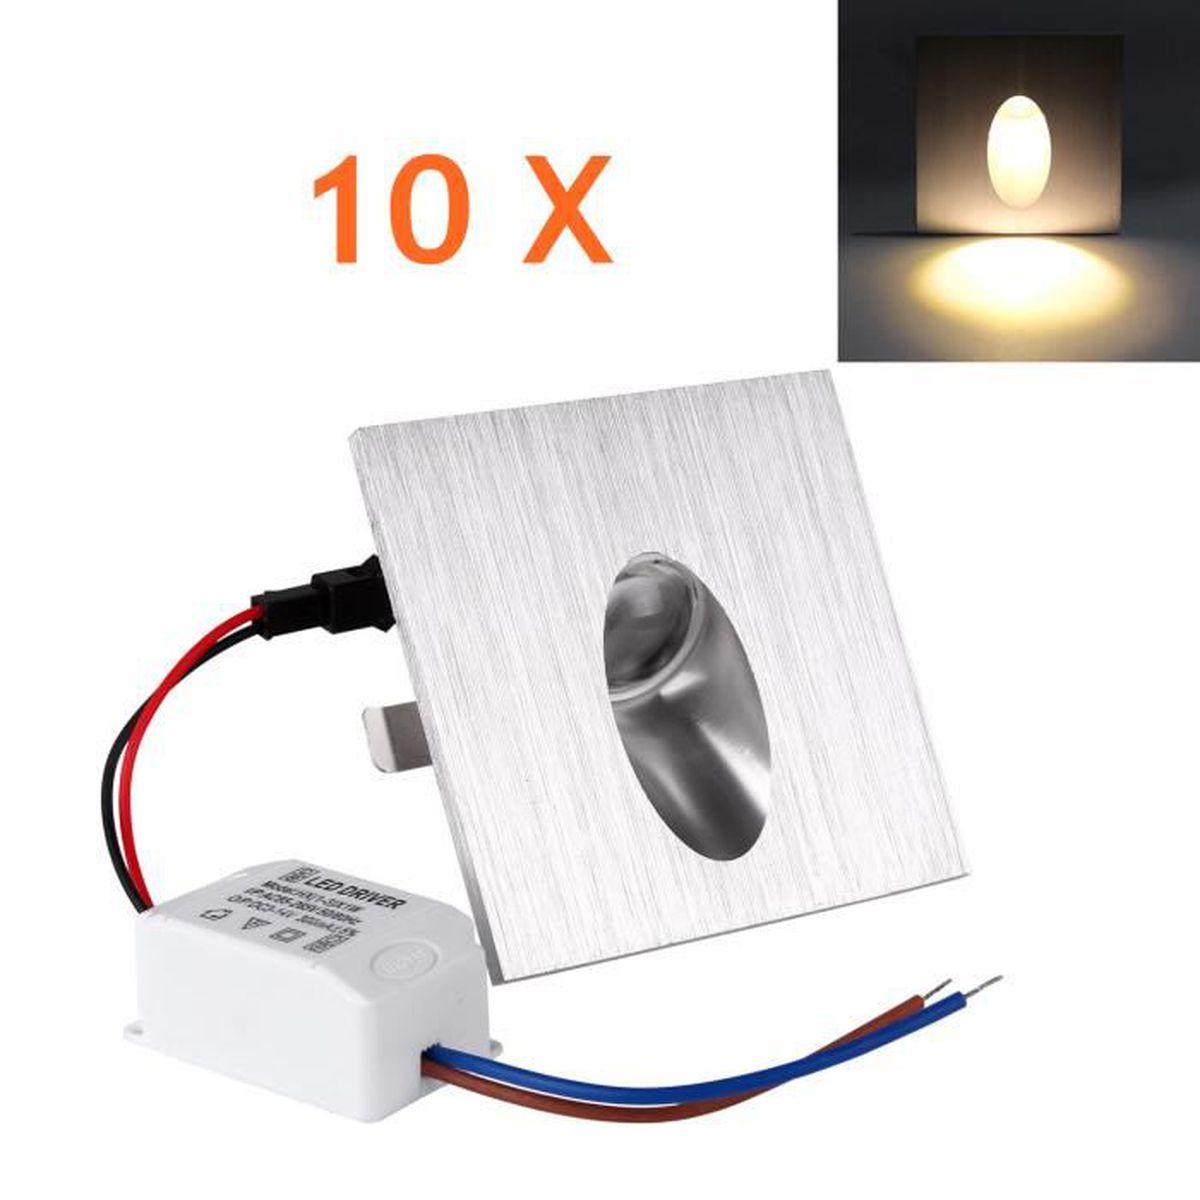 10 Pcs LED Chaud Mural encastré Lampe Spot Carré Coin Mur Escalier Chemin luminaire Magasin